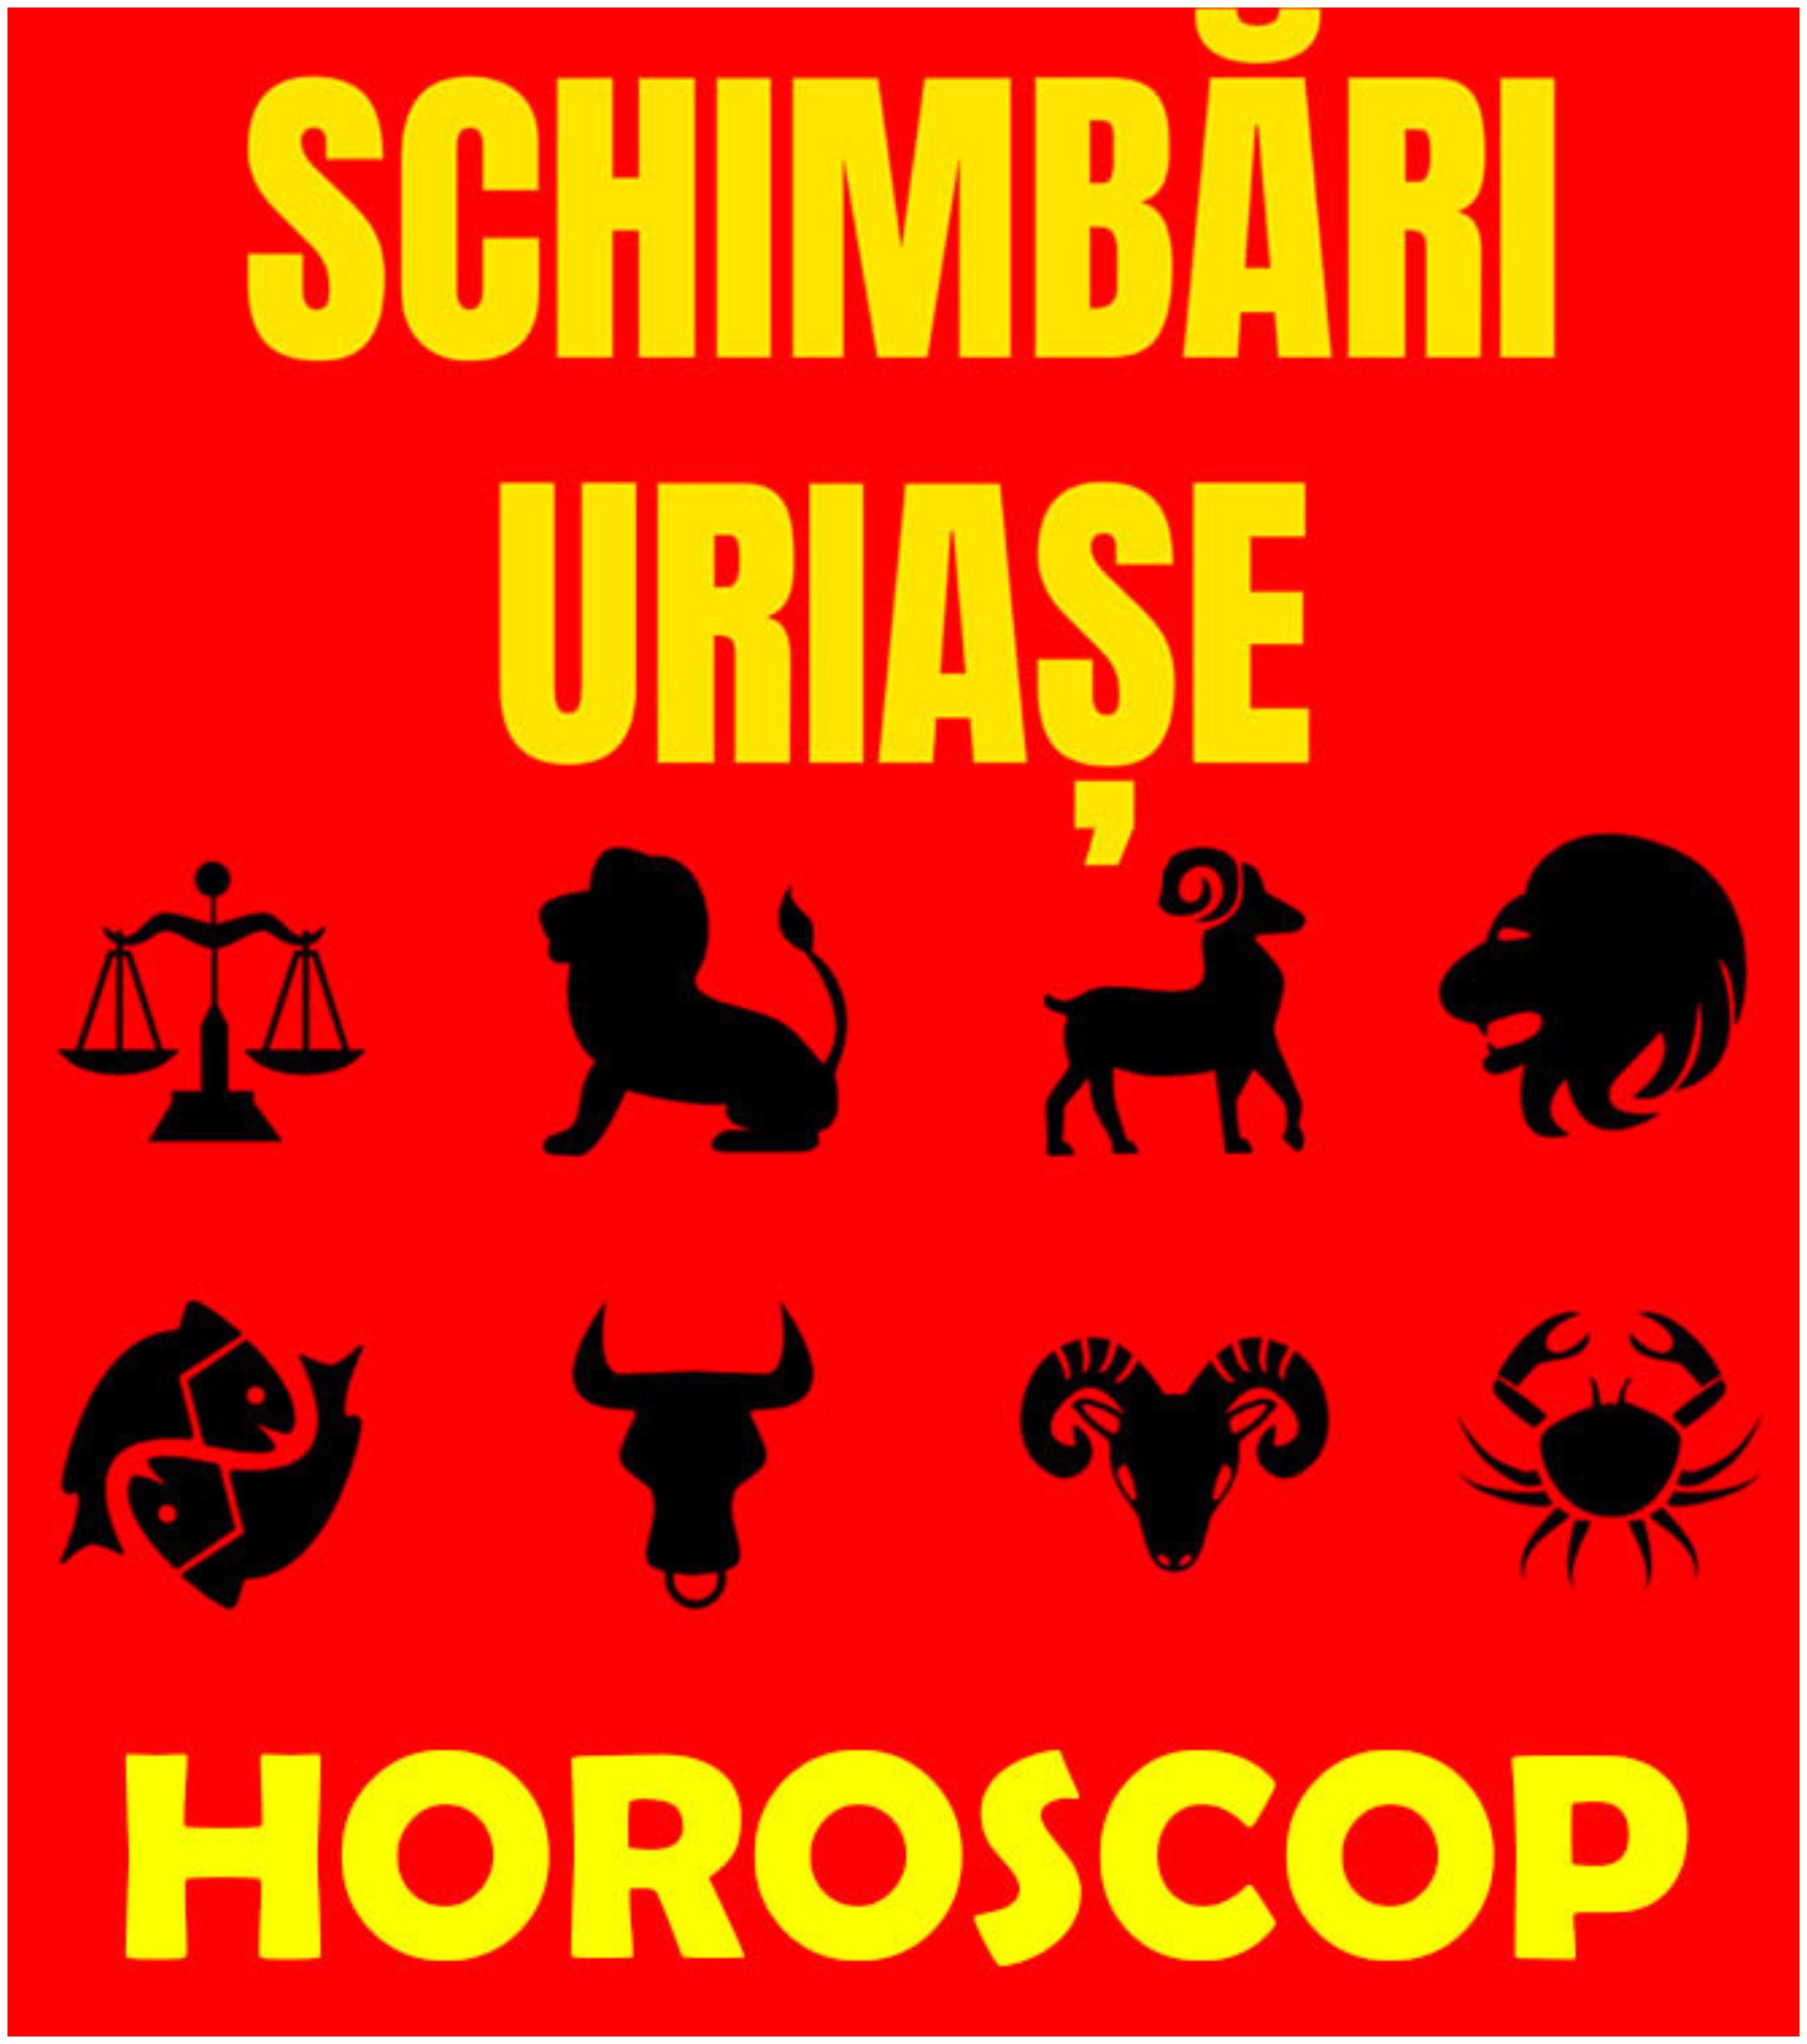 Horoscop 30 octombrie 2020. Se anunţă schimbări uriaşe pentru unele zodii